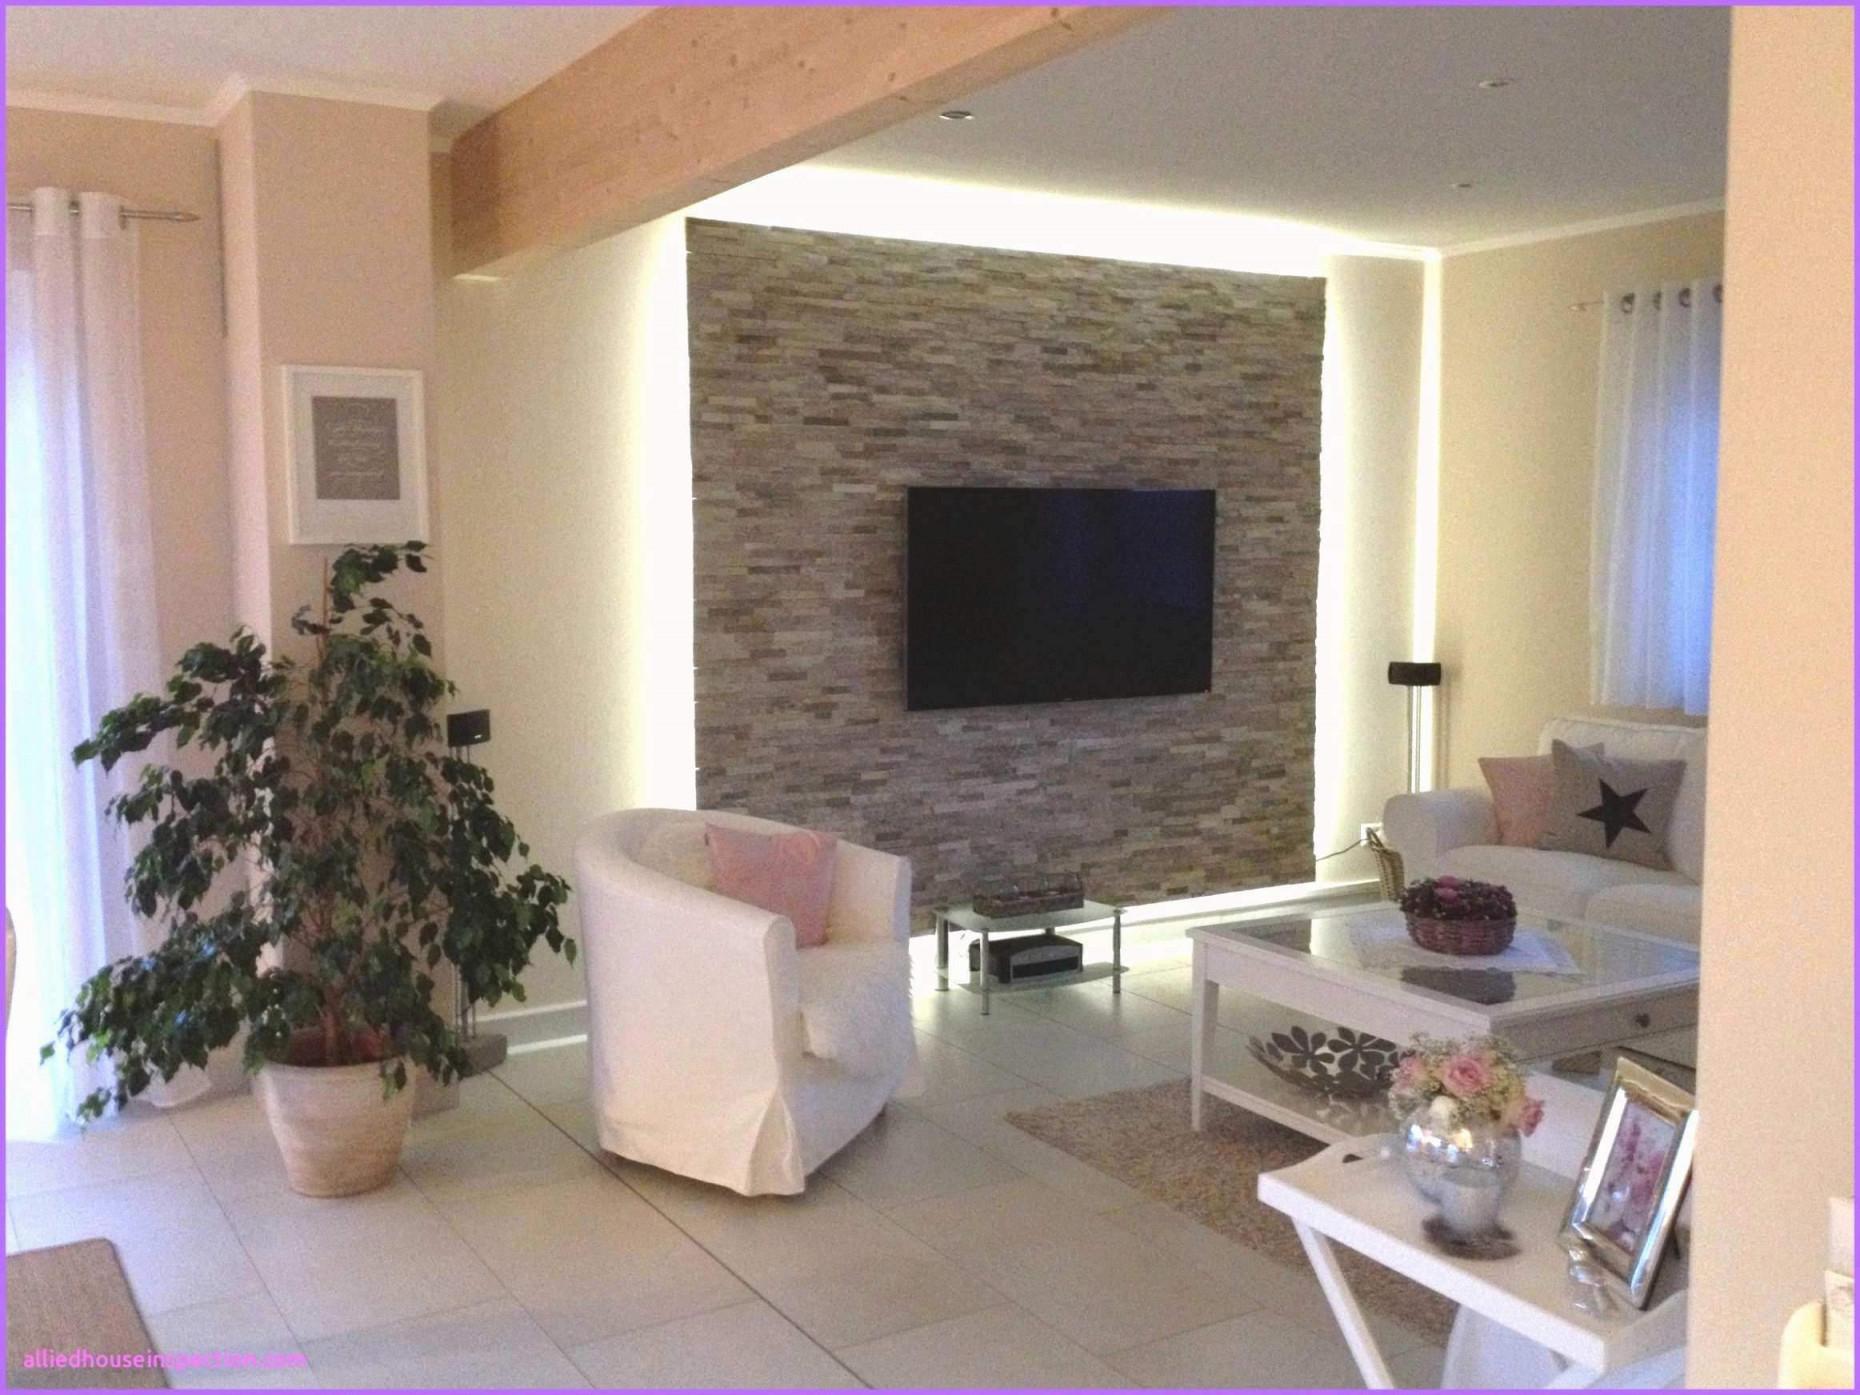 Deko Wand Wohnzimmer Das Beste Von 50 Einzigartig Von Holz von Wohnzimmer Holz Deko Bild